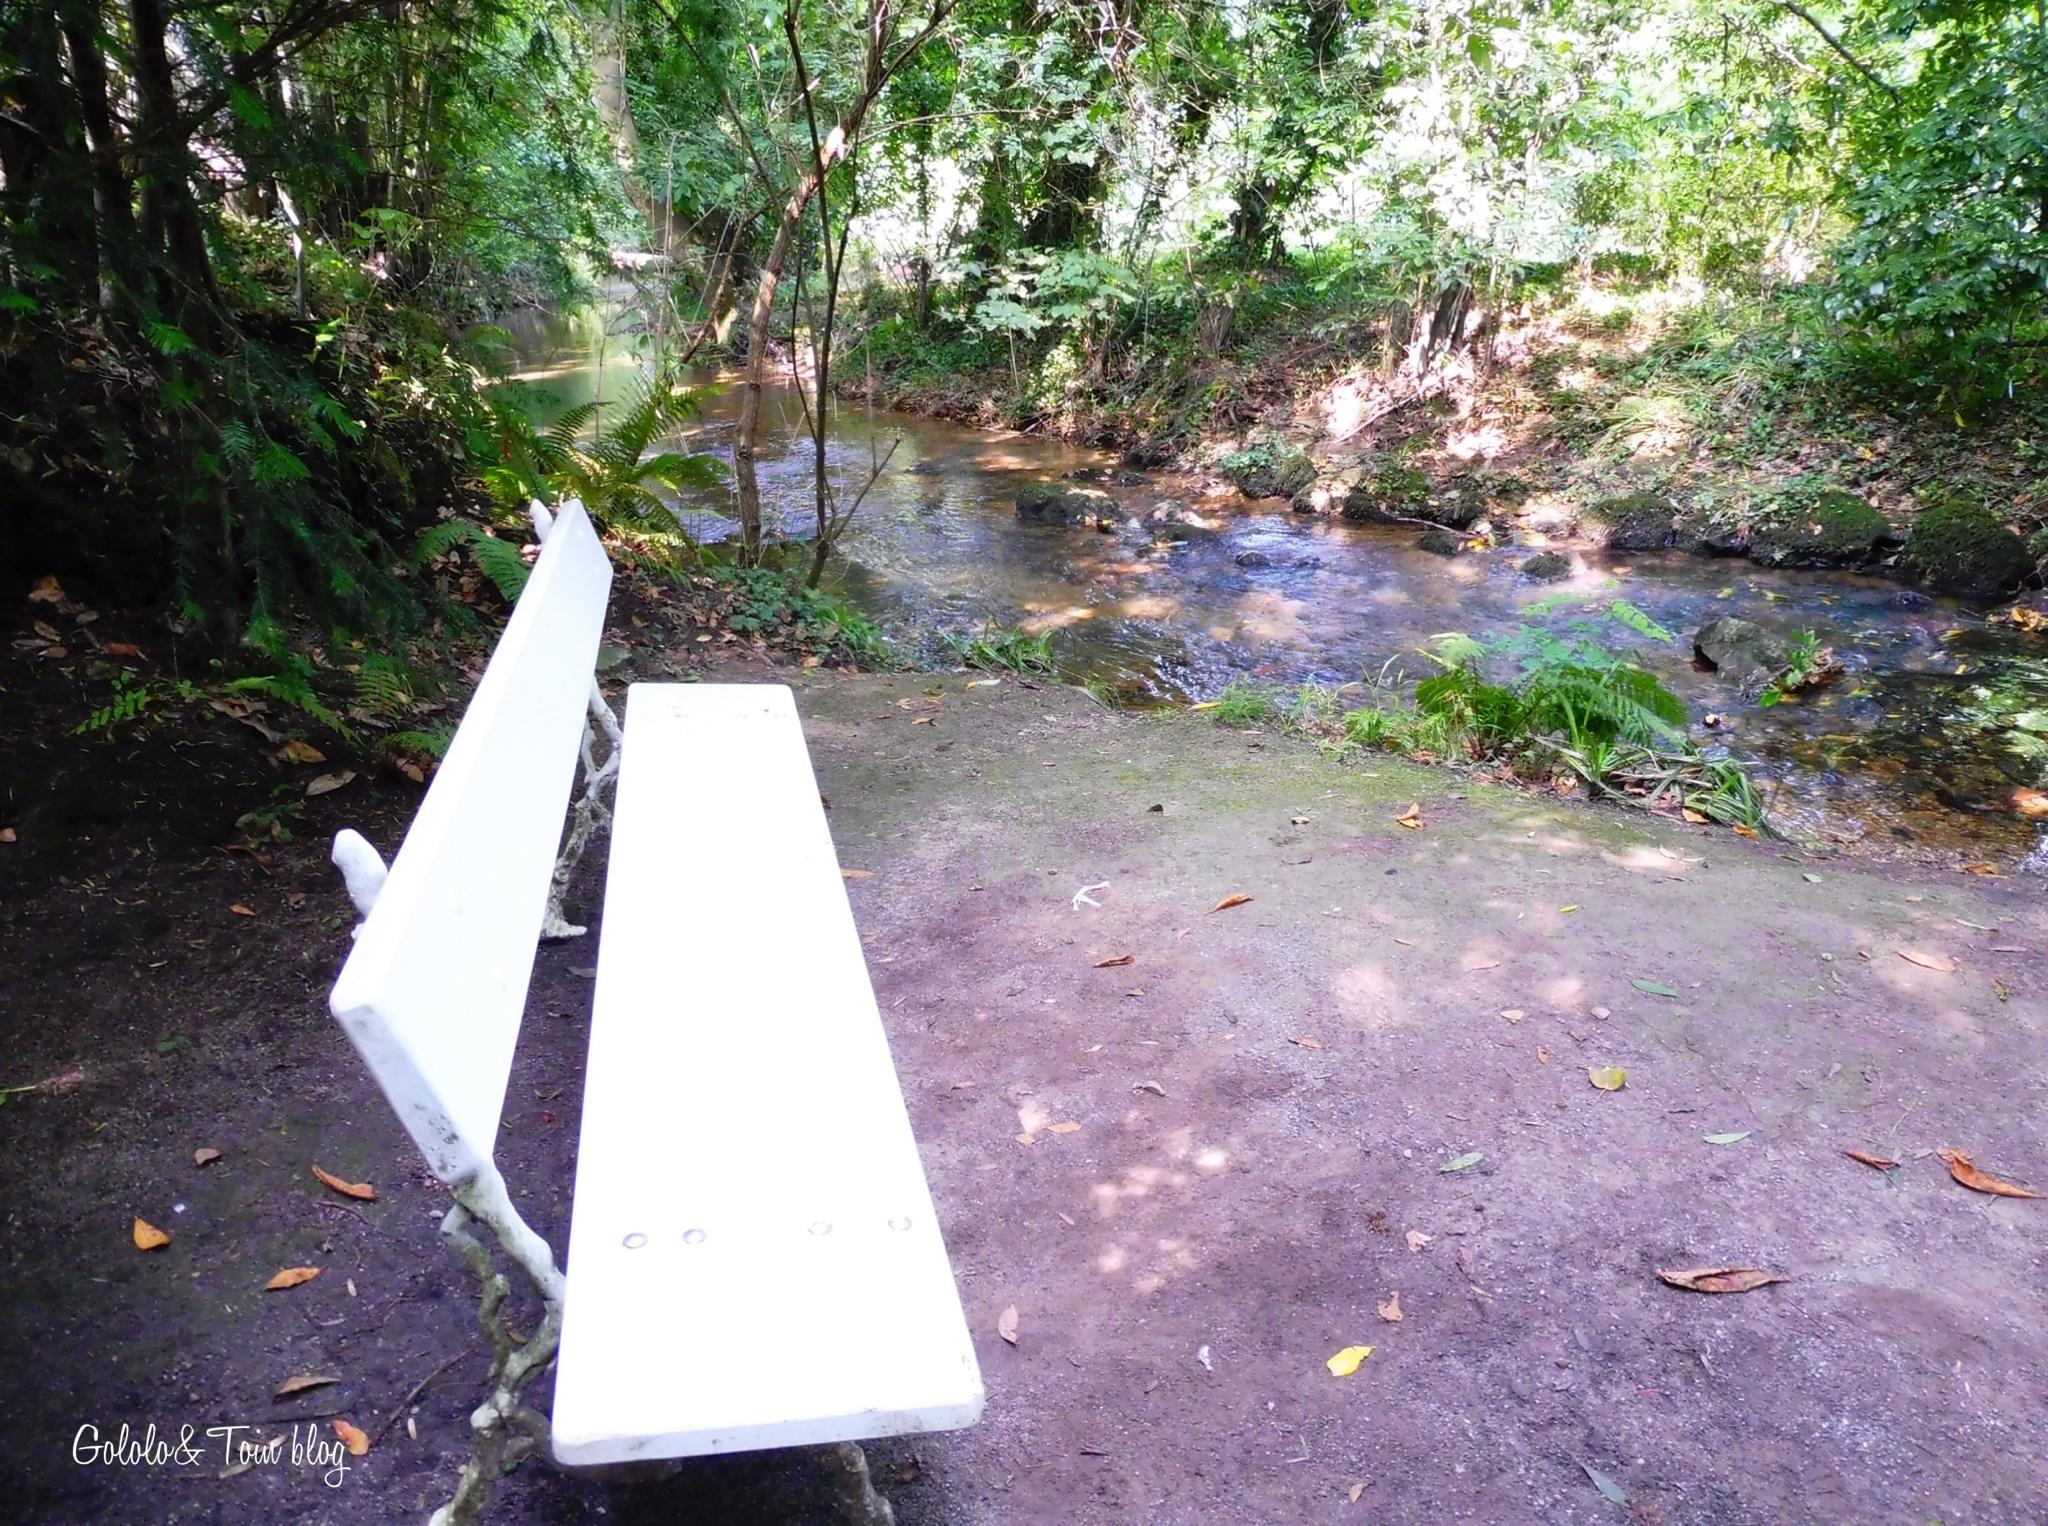 Visitar El Jardin Botanico De Gijon Con Ninos Gololo Y Toin Blog